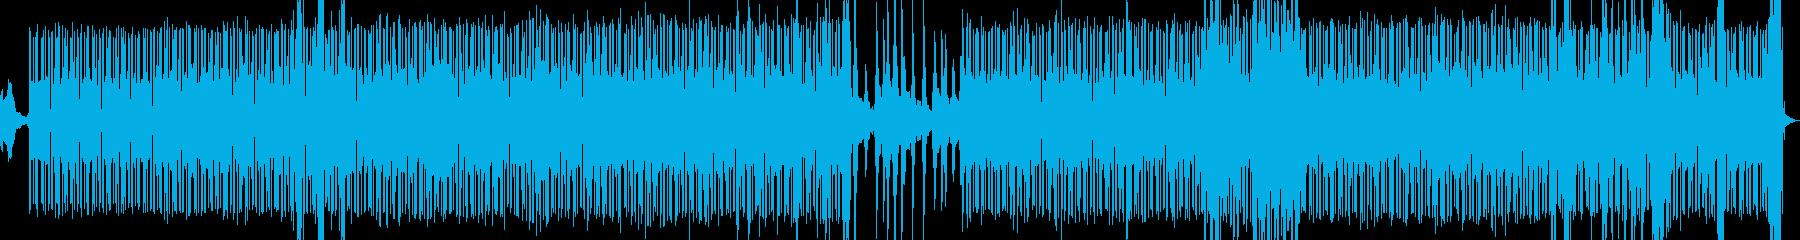 ビート感のあるアンビエント電子音楽の再生済みの波形